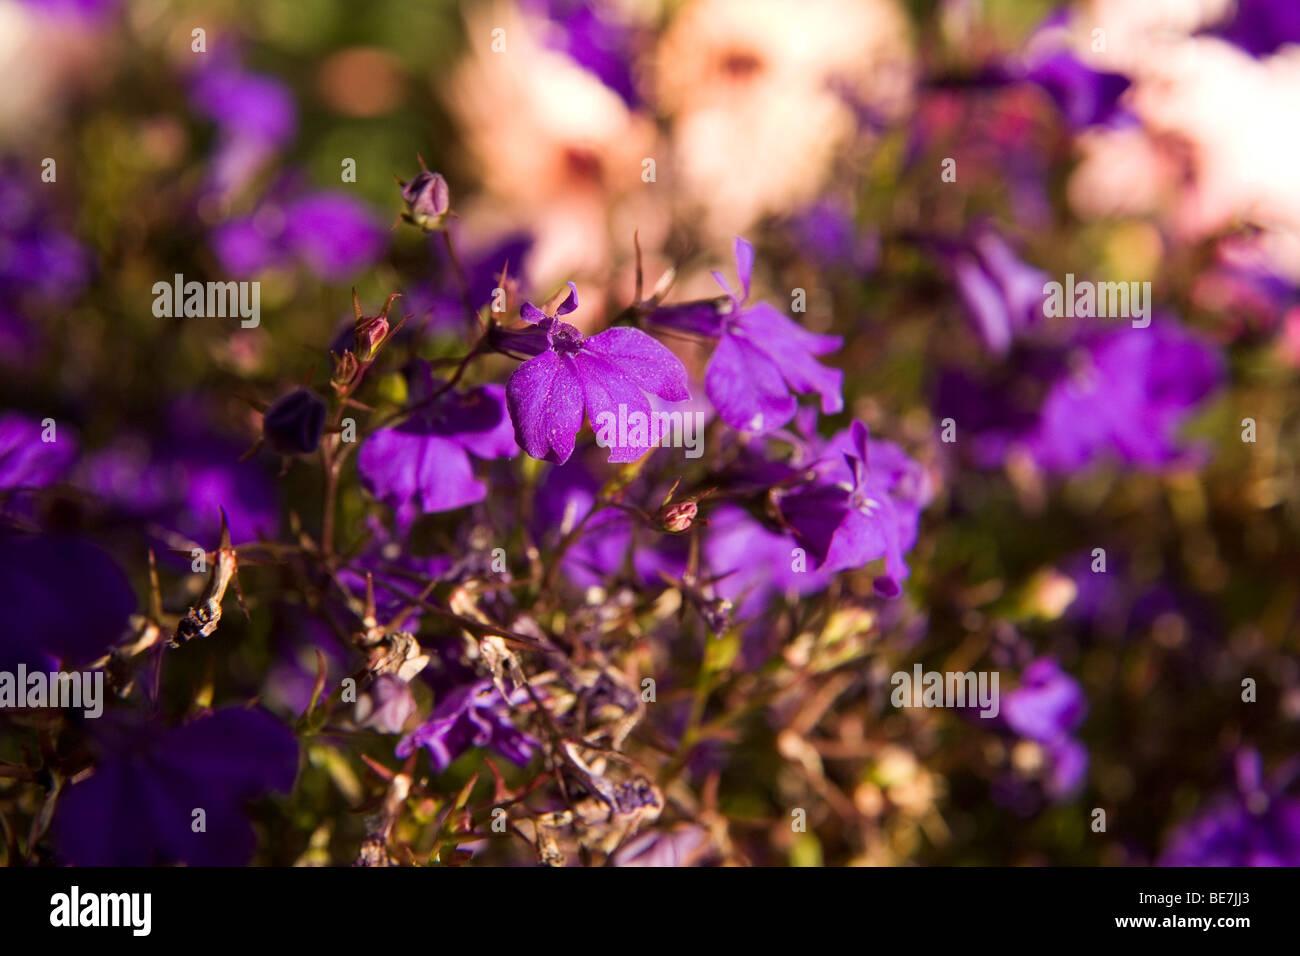 Welche Blumen Blühen Im September lila labilia blumen in nordengland die blumen blühen im september